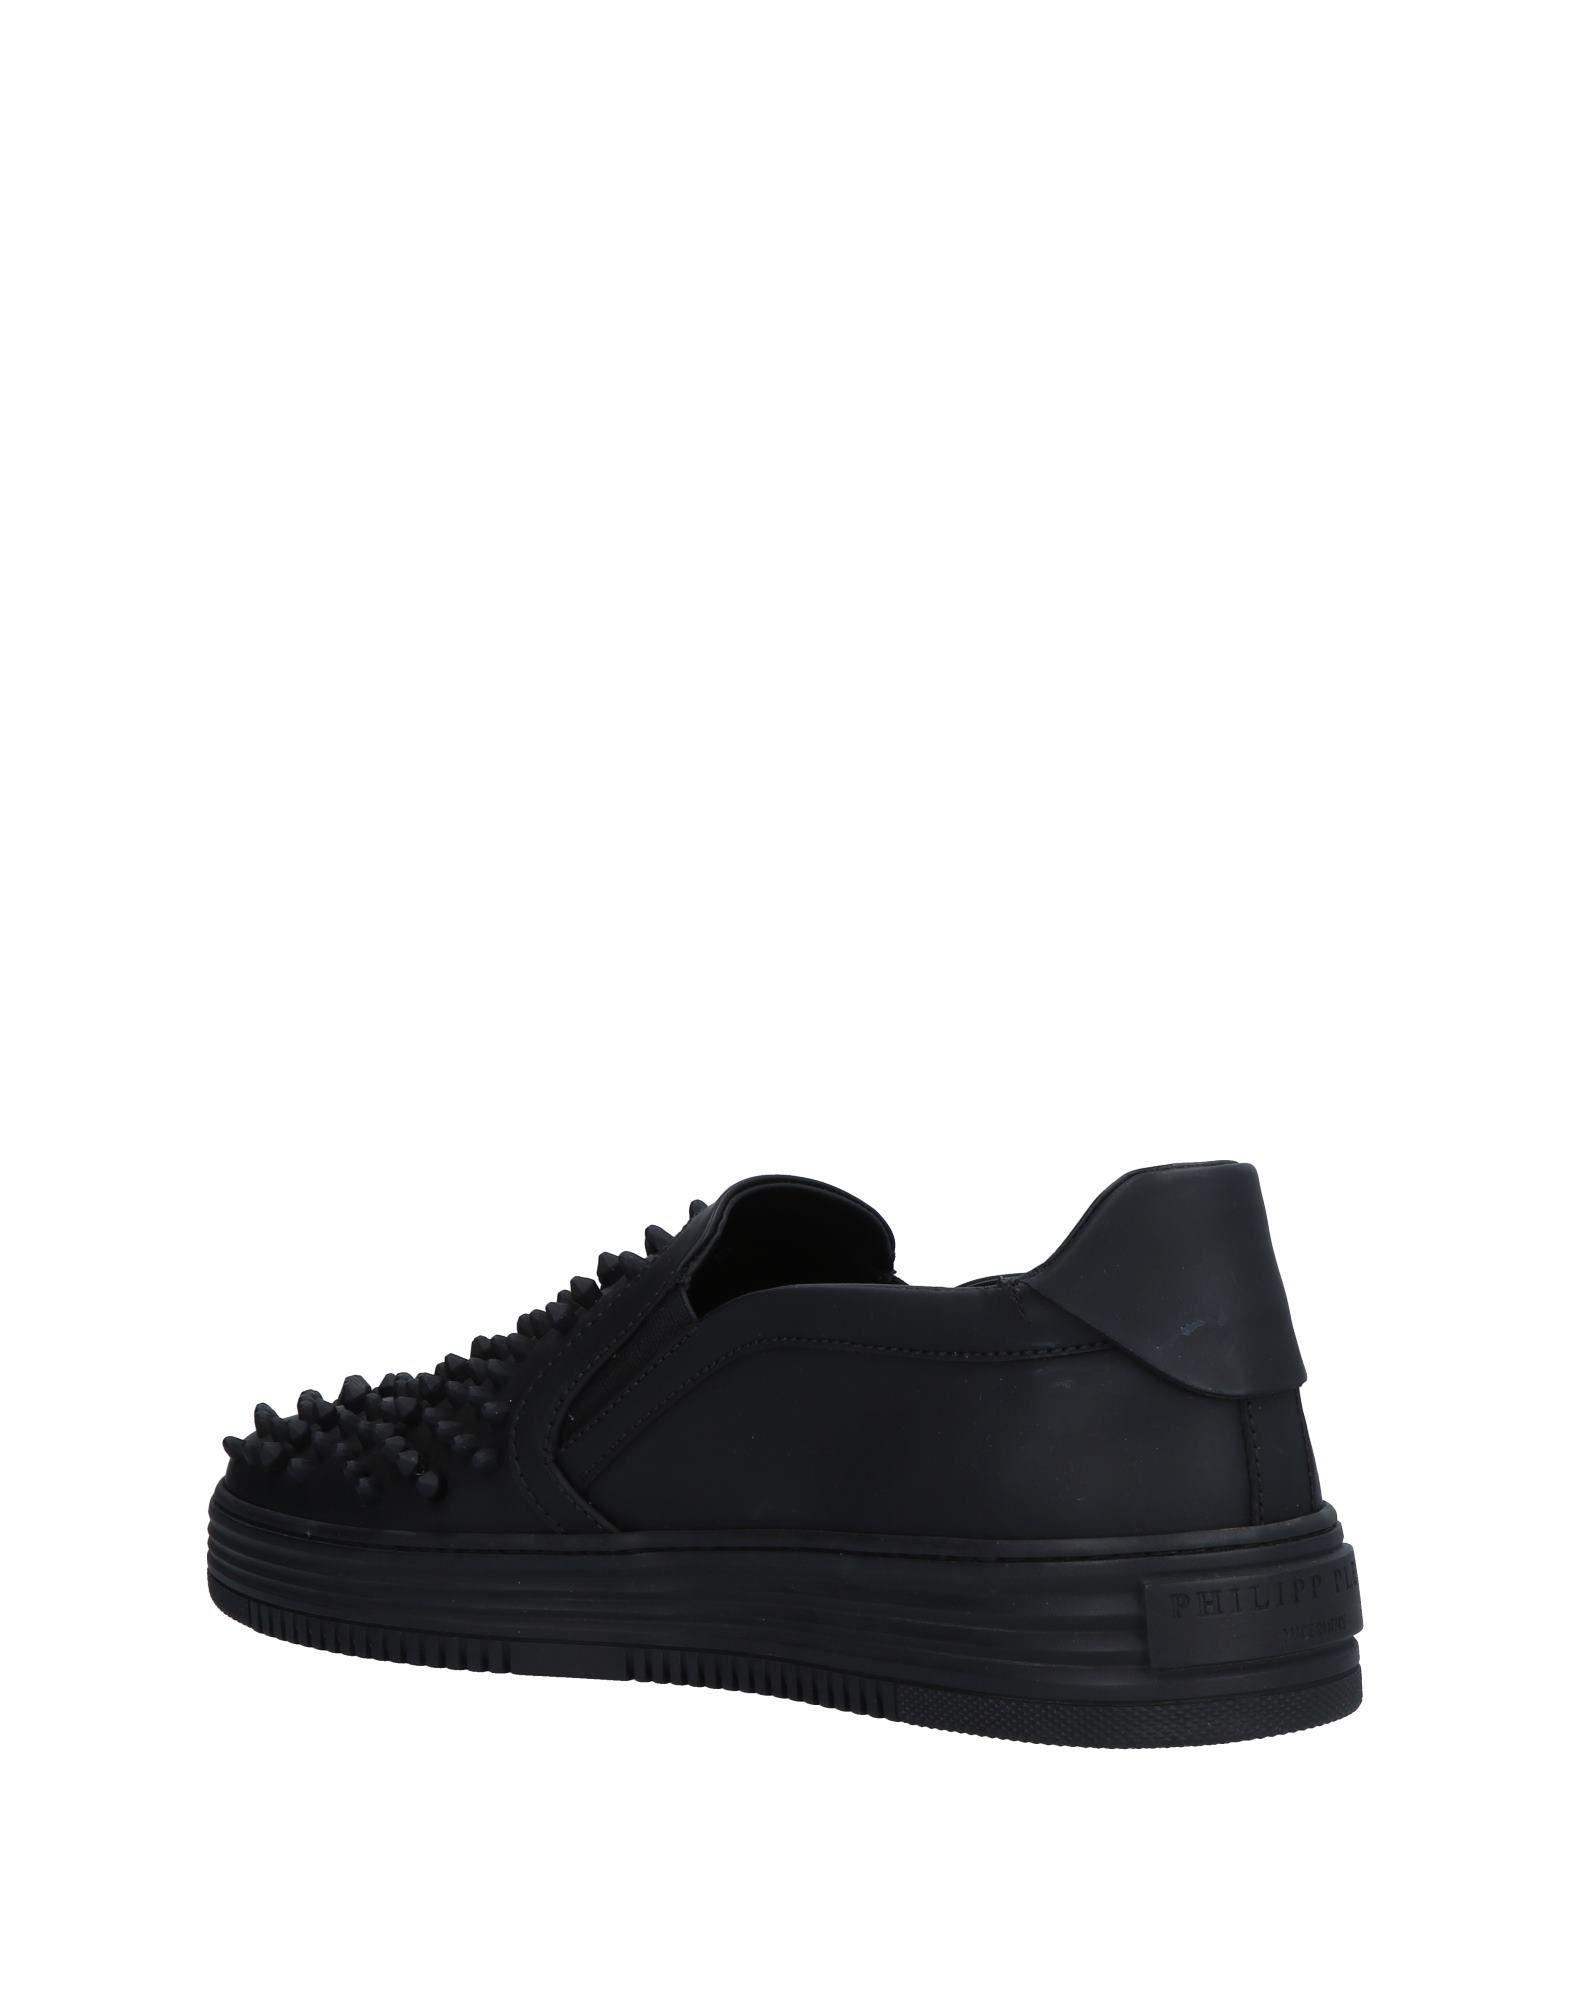 Philipp Plein Sneakers Herren beliebte  11505210MP Gute Qualität beliebte Herren Schuhe 580ab3